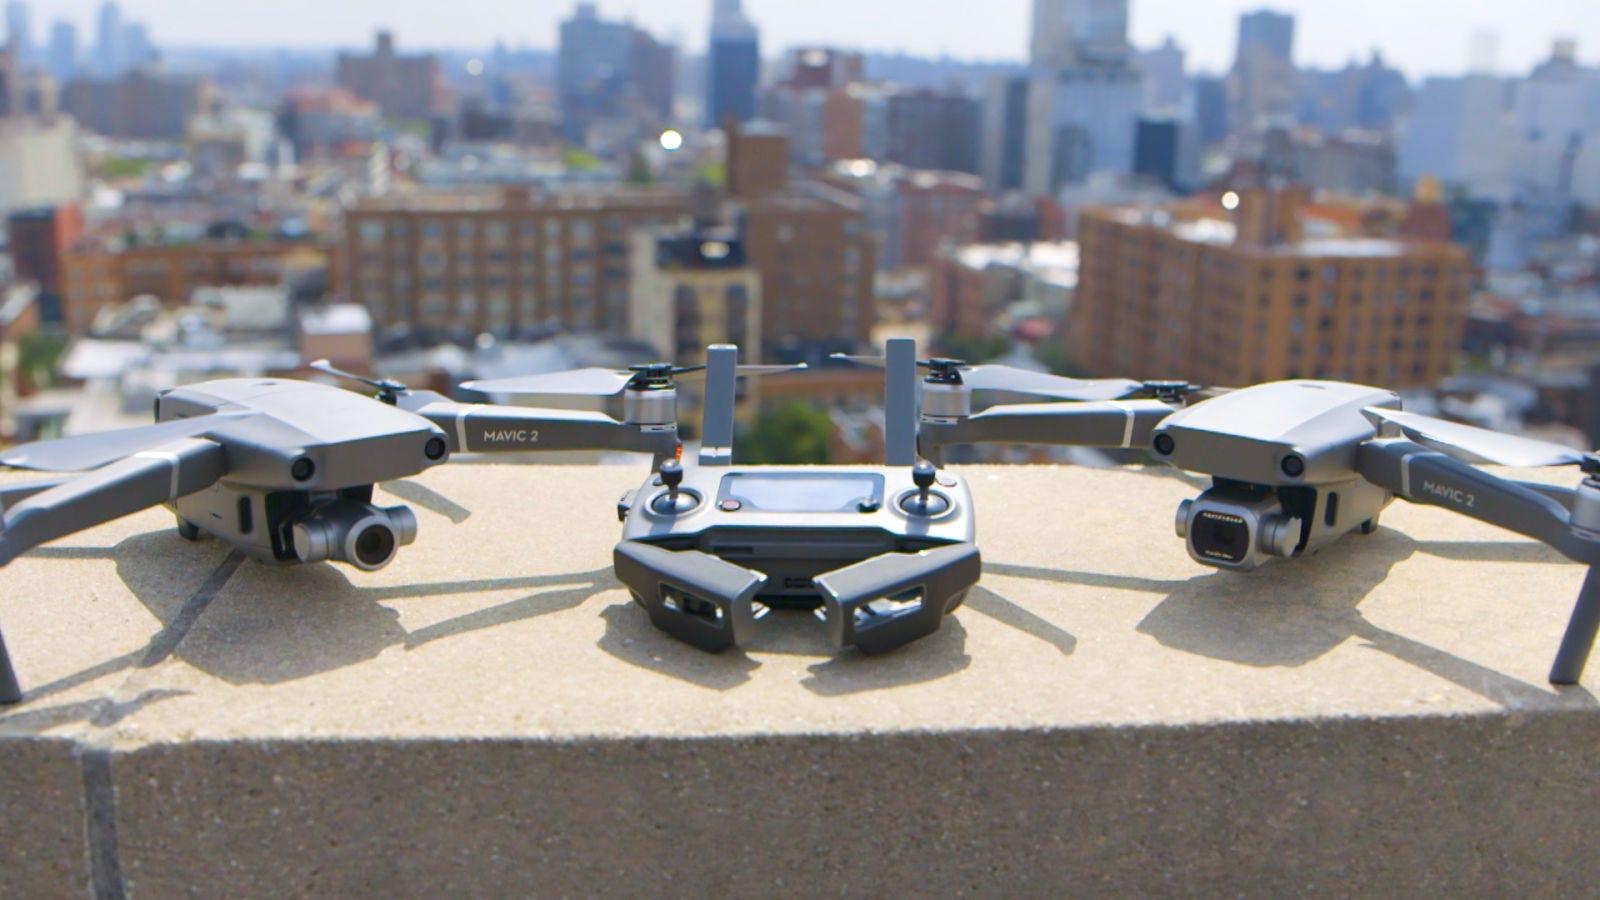 Illustration for article titled Lo mejor de los nuevos drones DJI Mavic 2 es su increíble cámara con zoomem/em